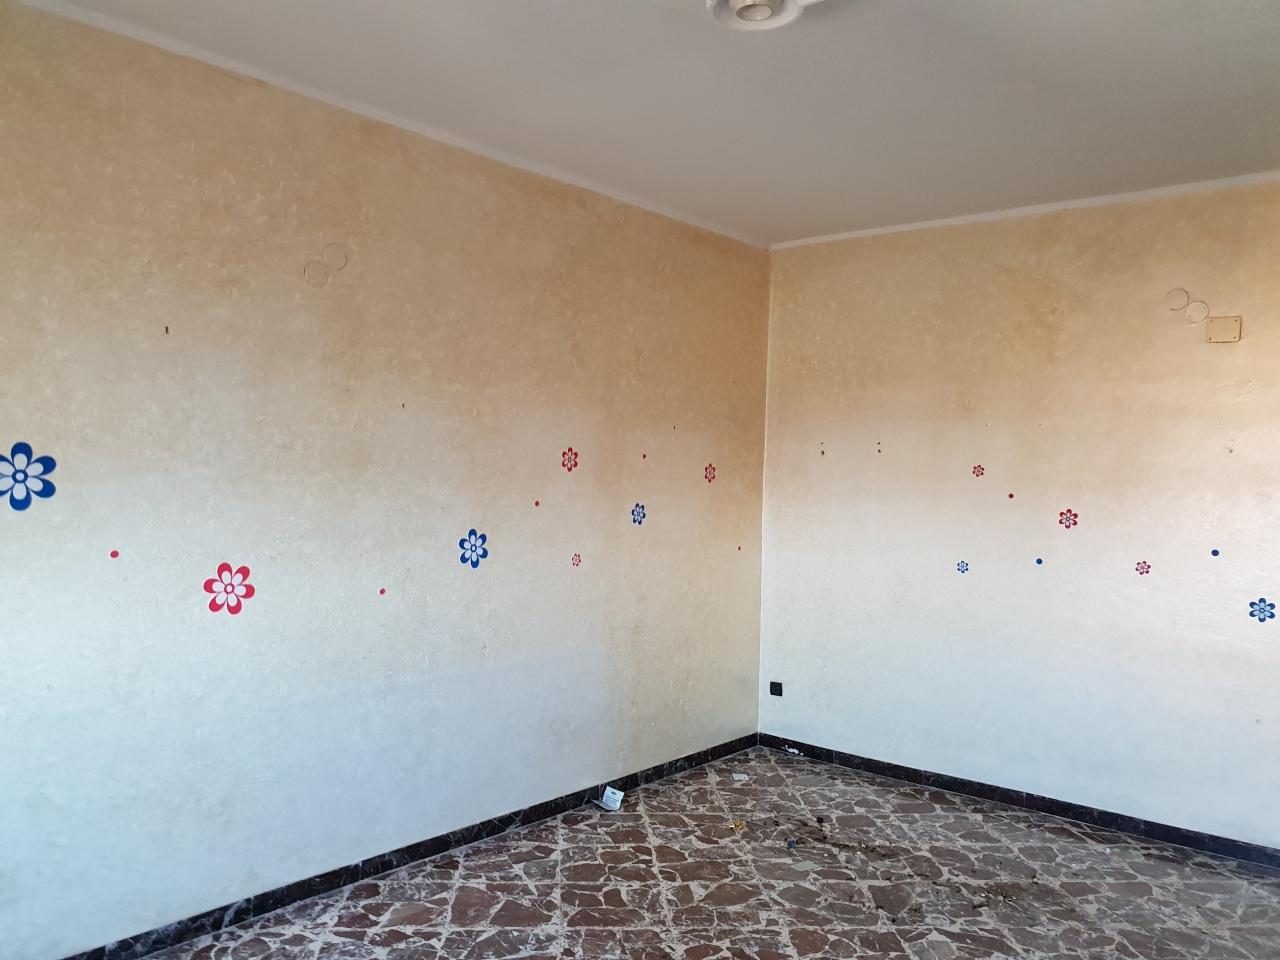 Appartamenti e Attici SIRACUSA vendita  Tisia Tica Zecchino Filisto  Schiavone Immobiliare